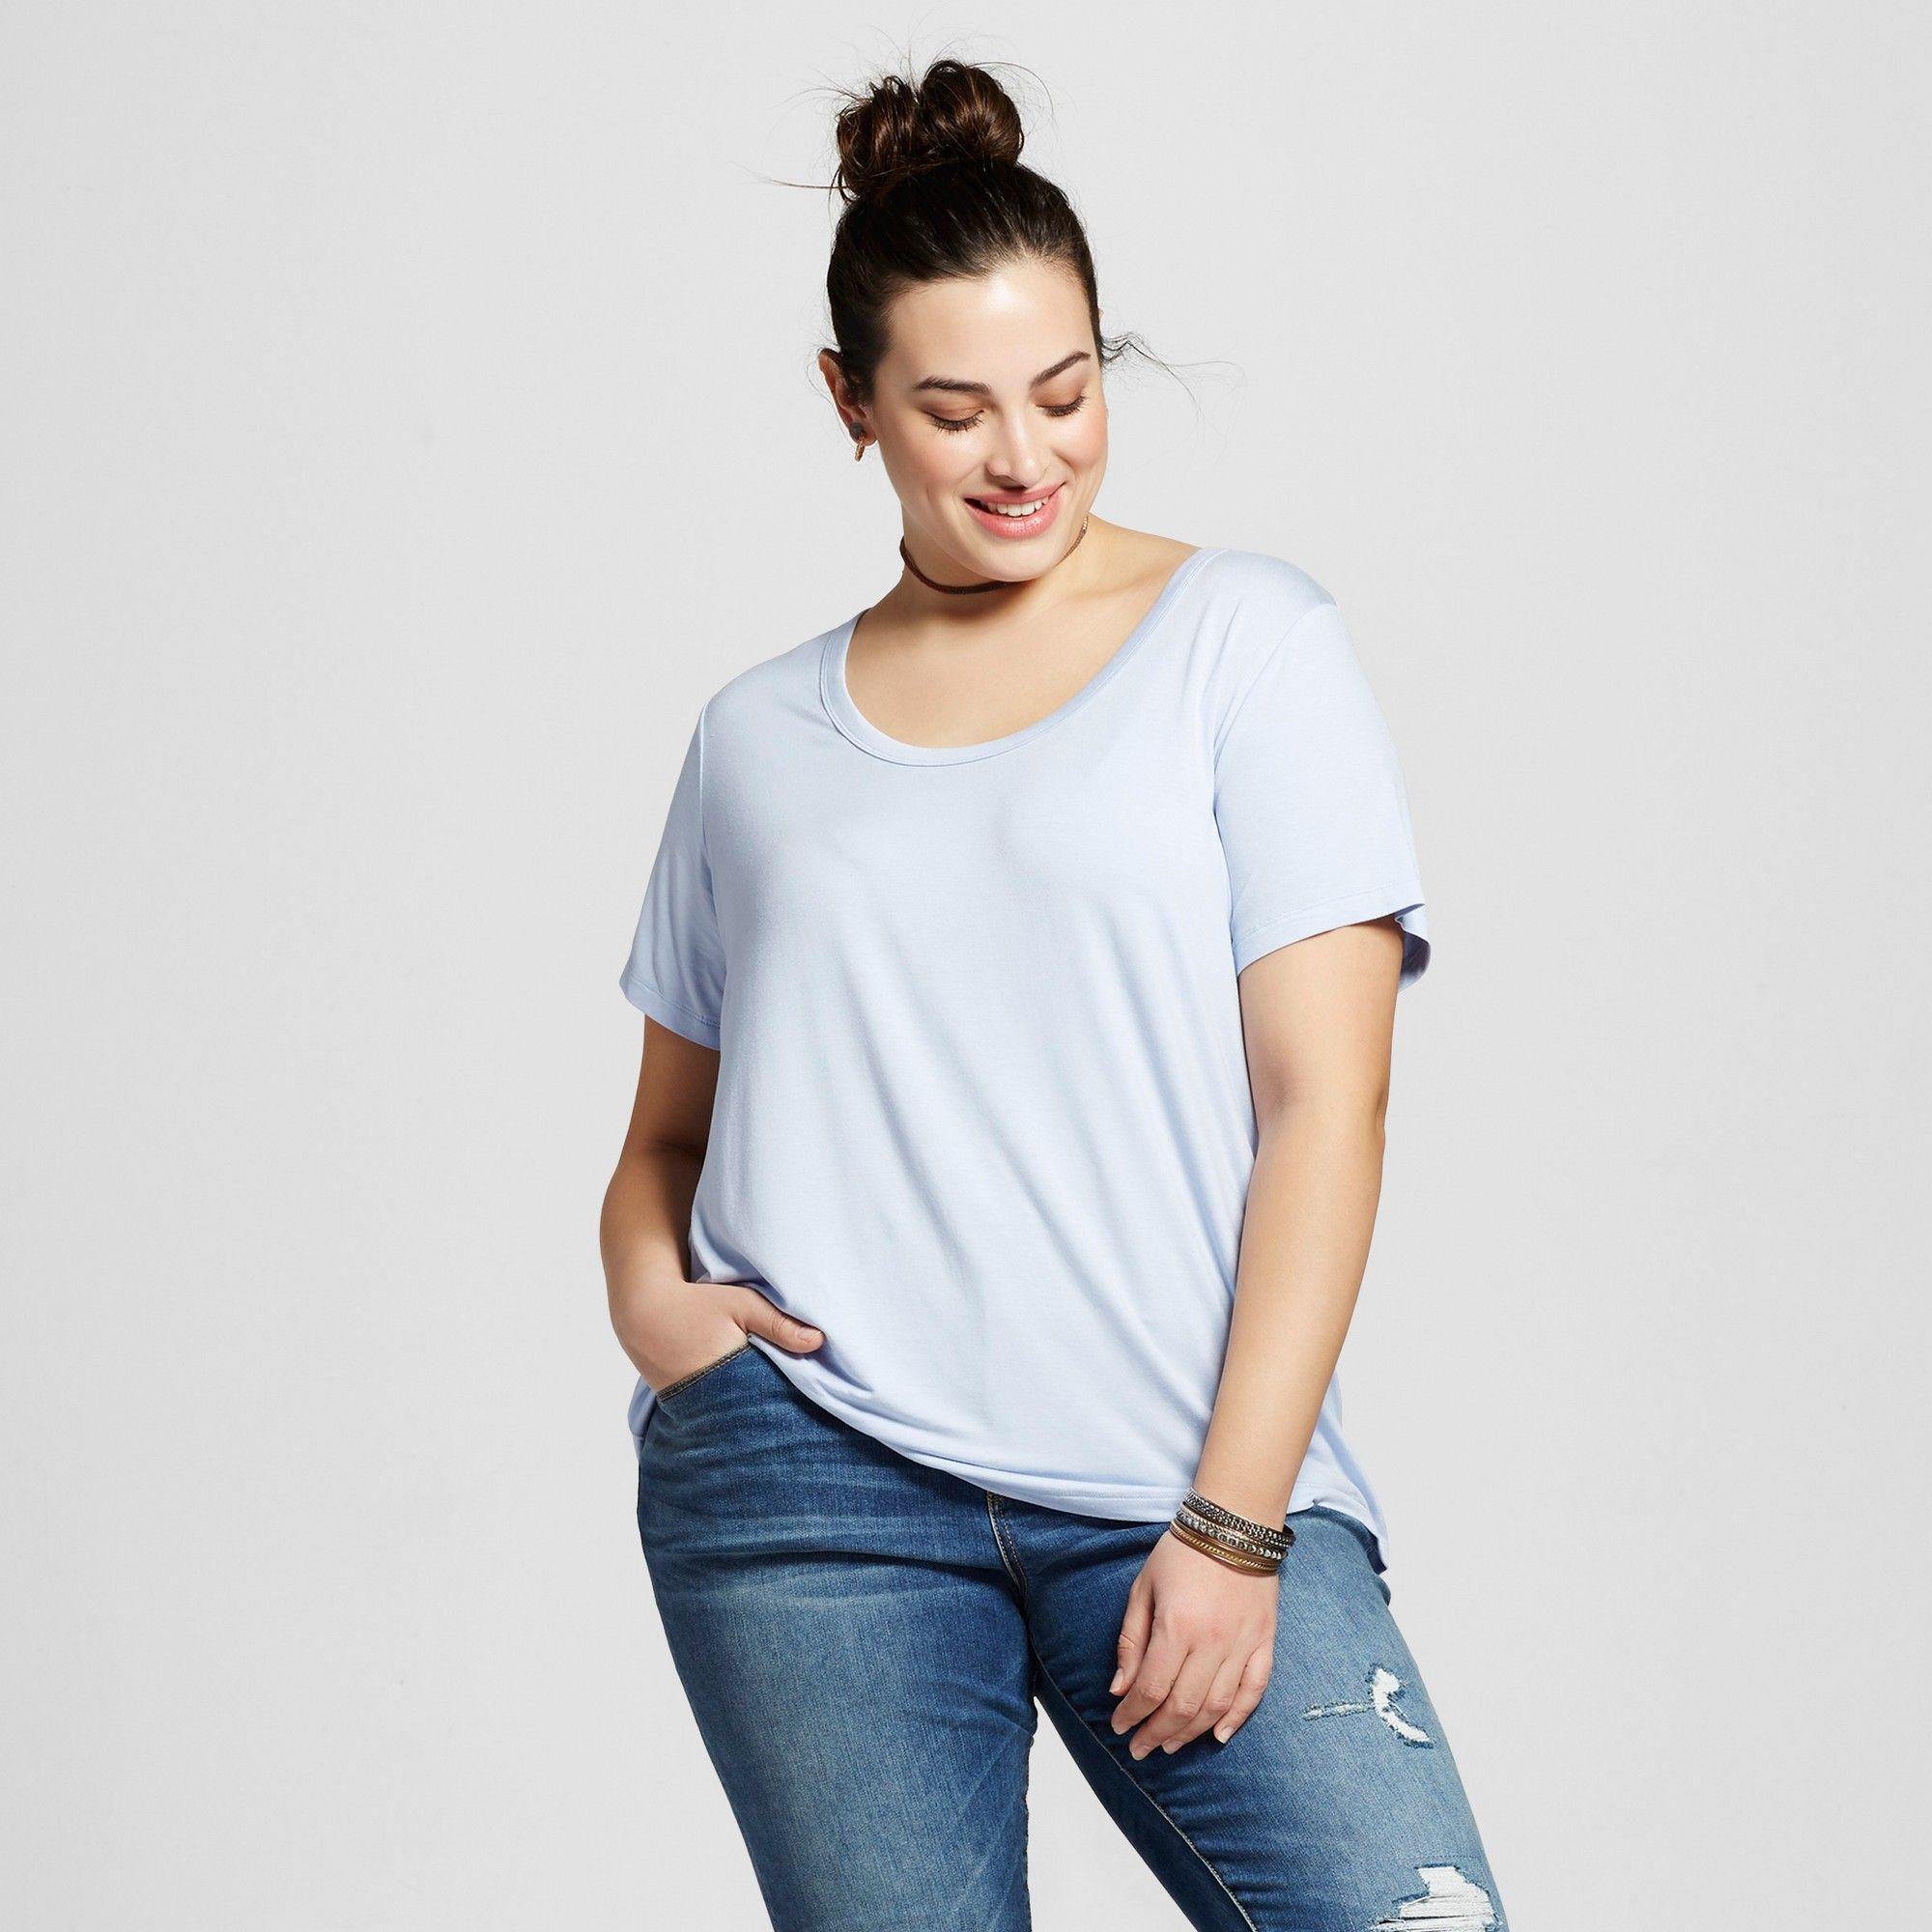 f5b20c7c900 Women s Plus Size Perfect T-Shirt - Ava   Viv Bauble Blue 3X ...